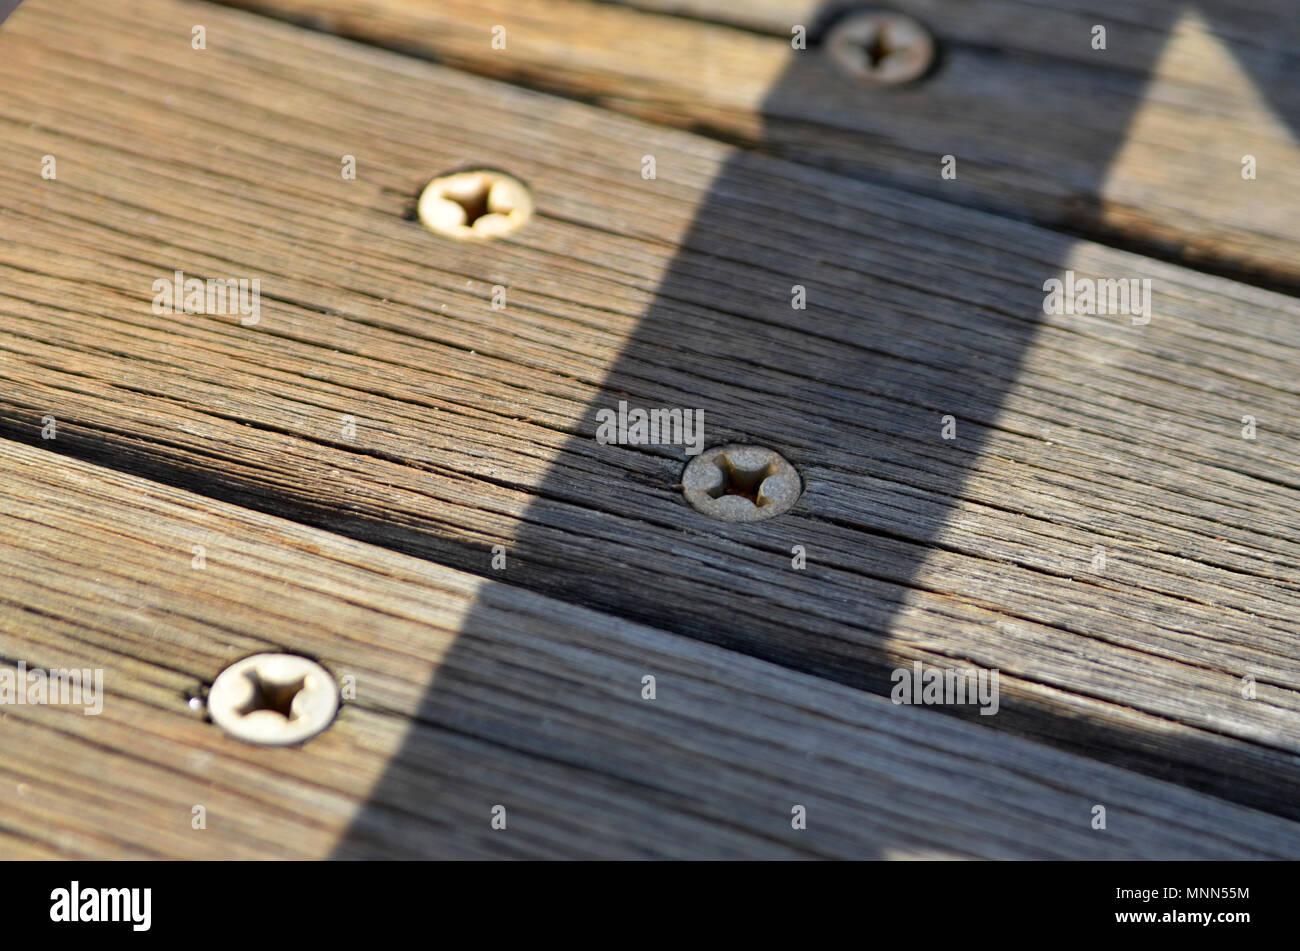 Nahaufnahme von Metall Schrauben in die holzbohlen der Brooklyn Bridge Stockbild